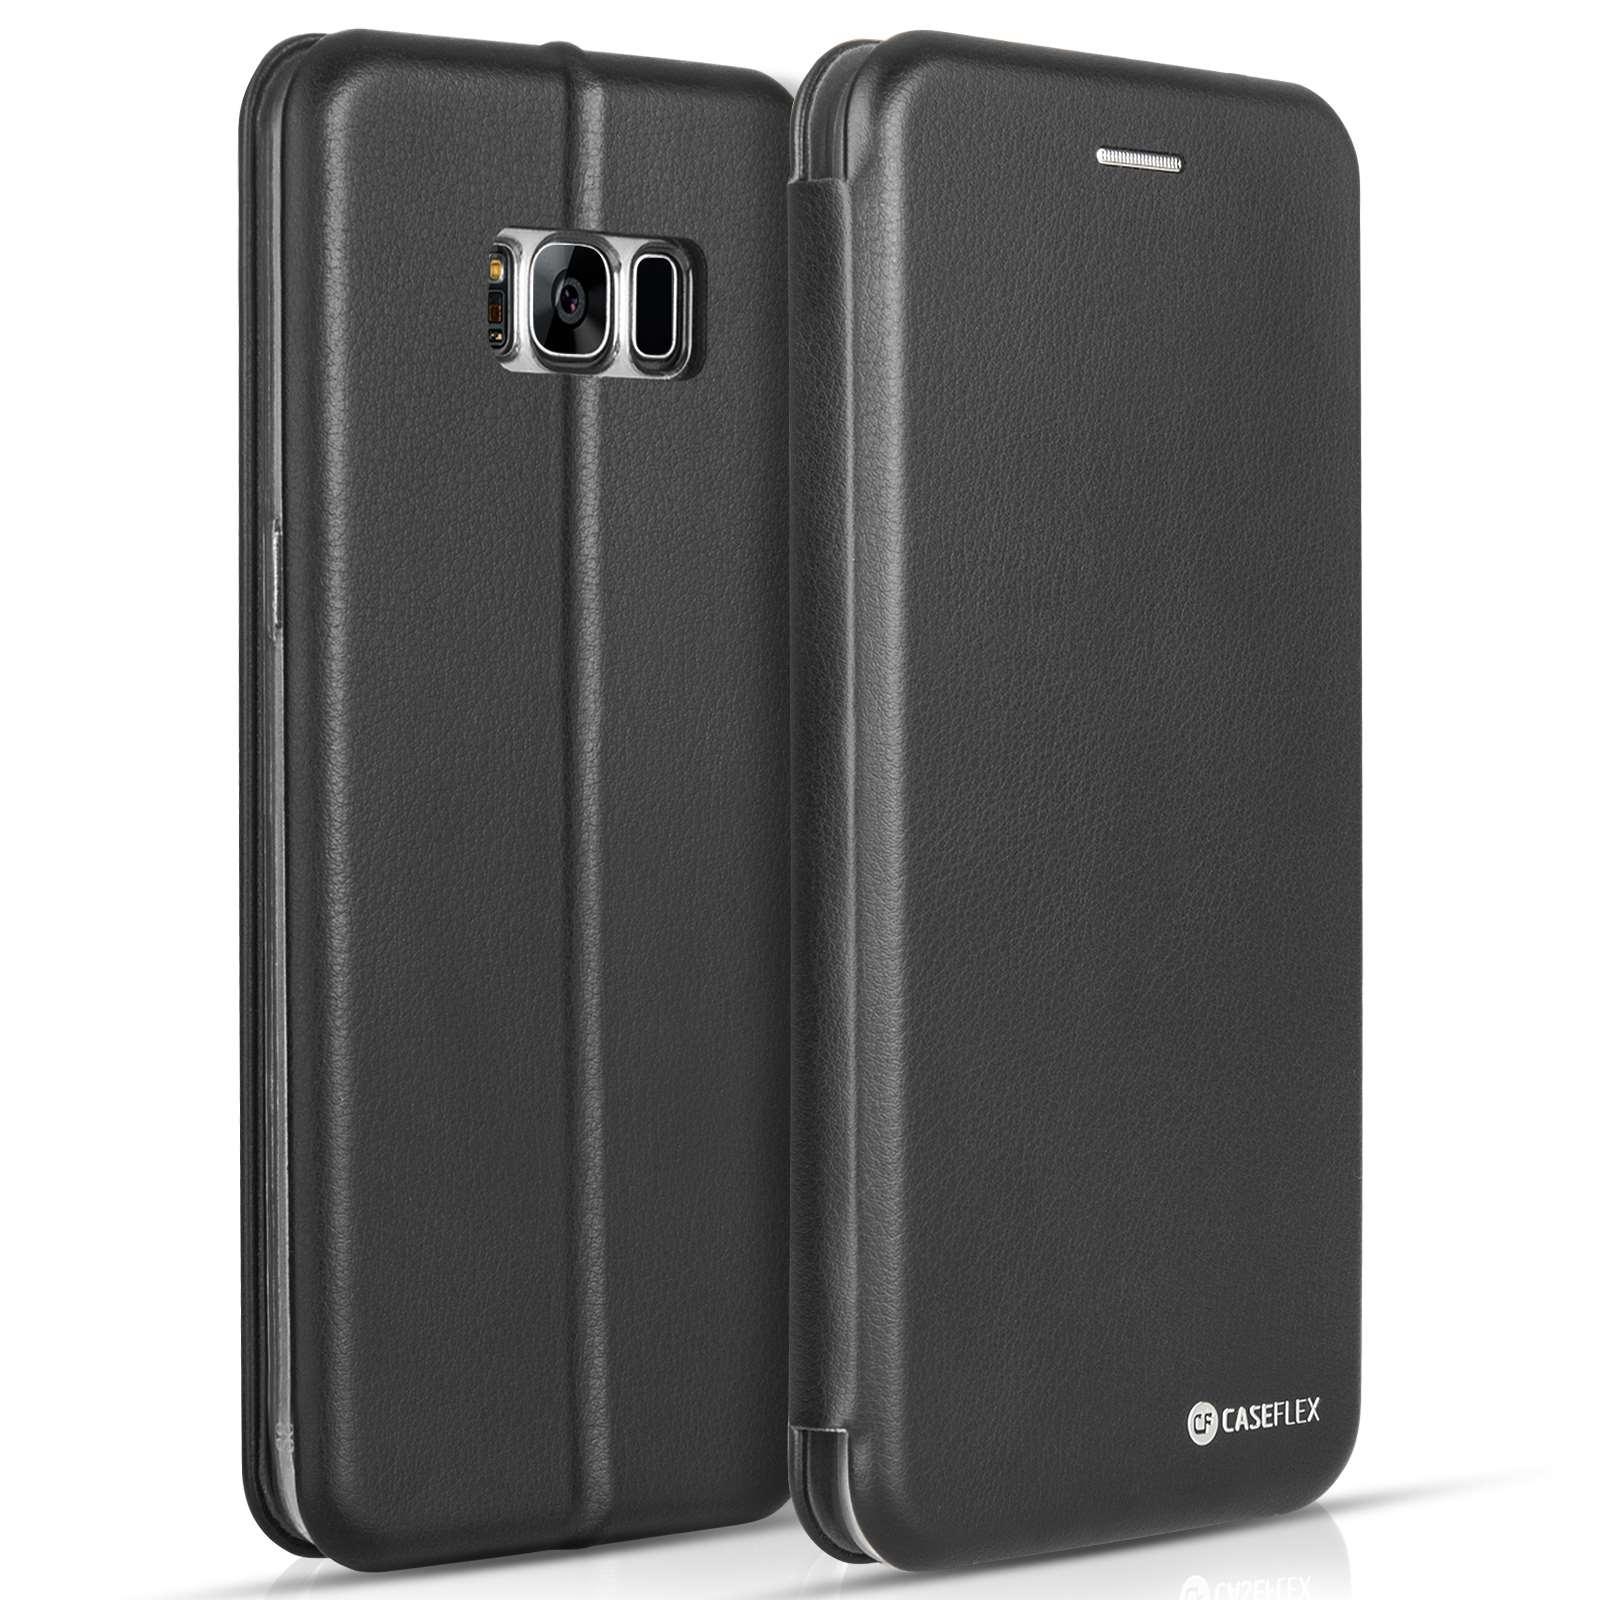 Caseflex Θήκη - Πορτοφόλι Samsung Galaxy S8 Plus - Black (SA-EA09-Z641)